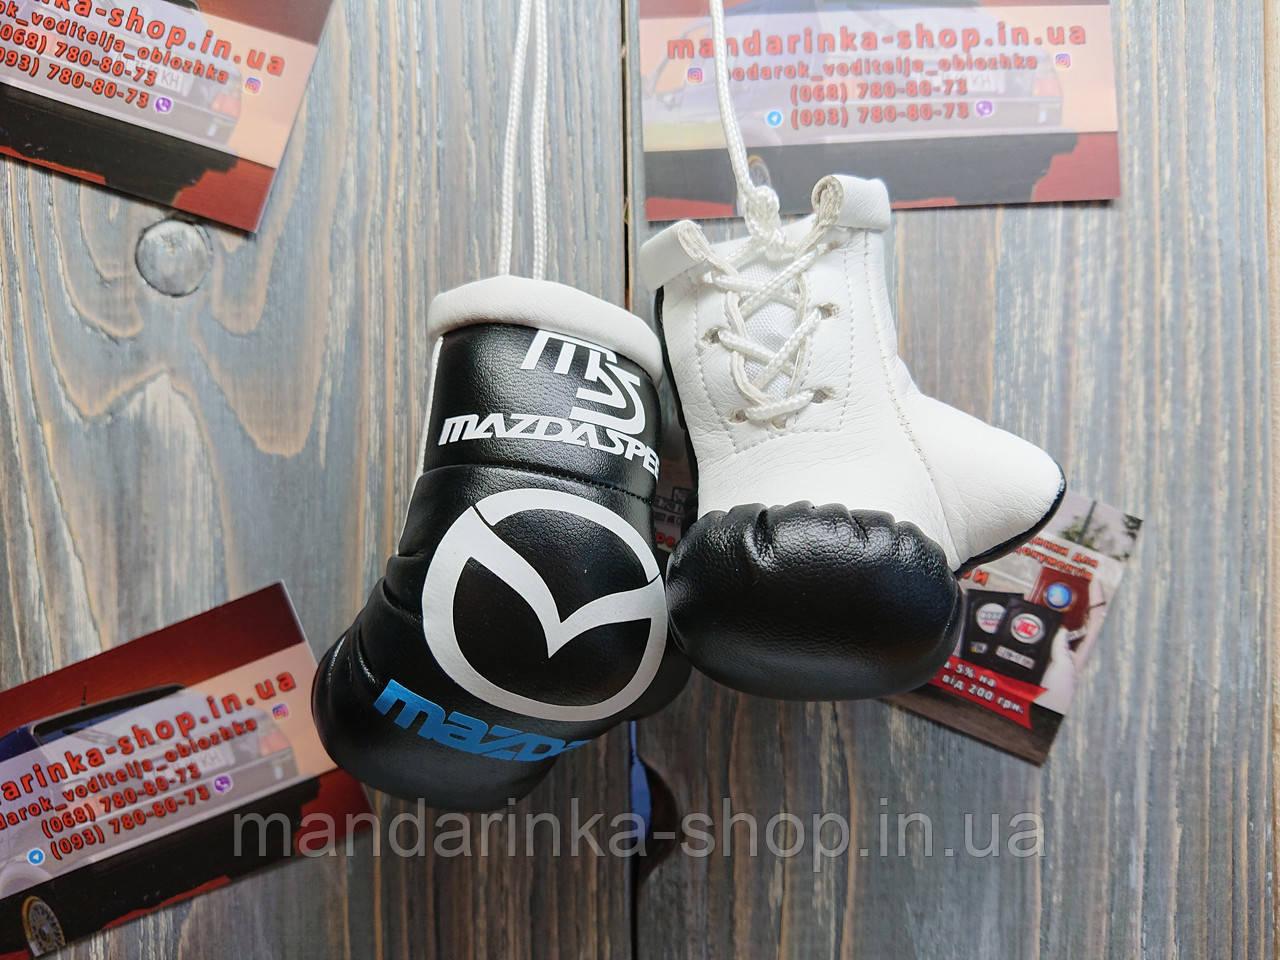 Рукавички боксерські чорні, міні сувенір підвіска в авто Mazda